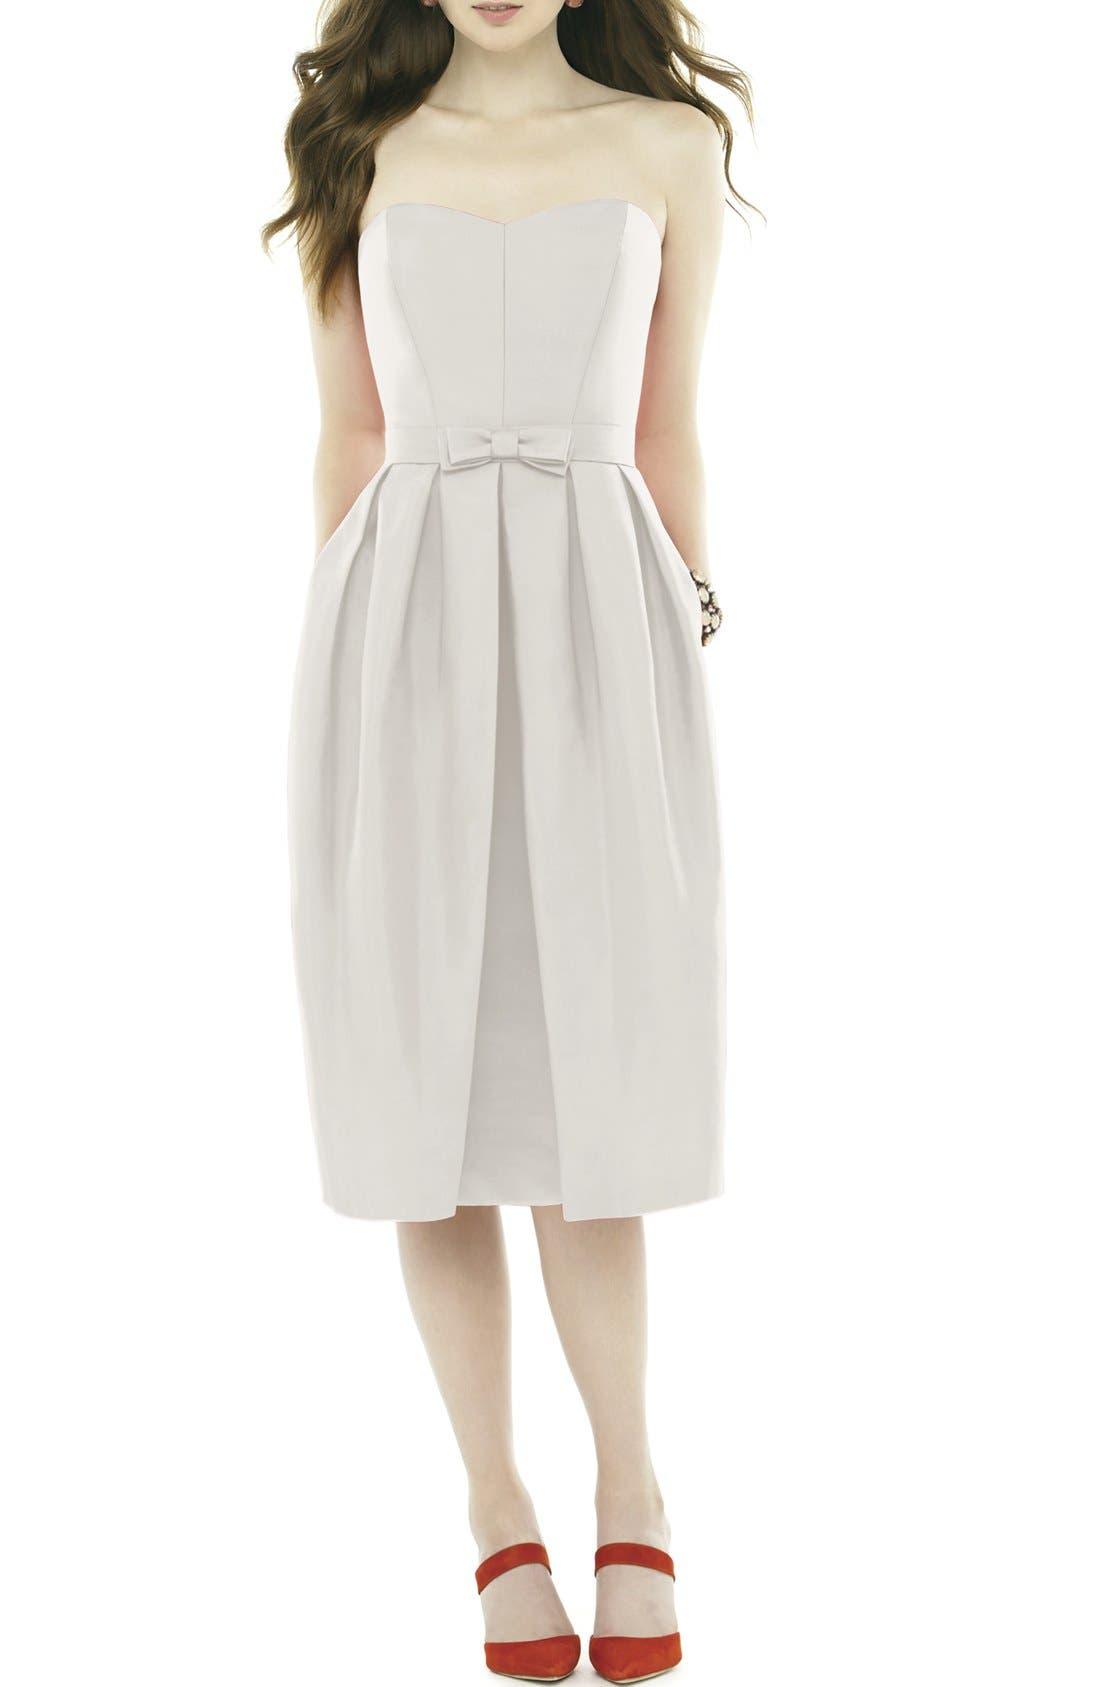 Strapless Peau de Soie Midi Dress with Bow Belt,                         Main,                         color, Snow White